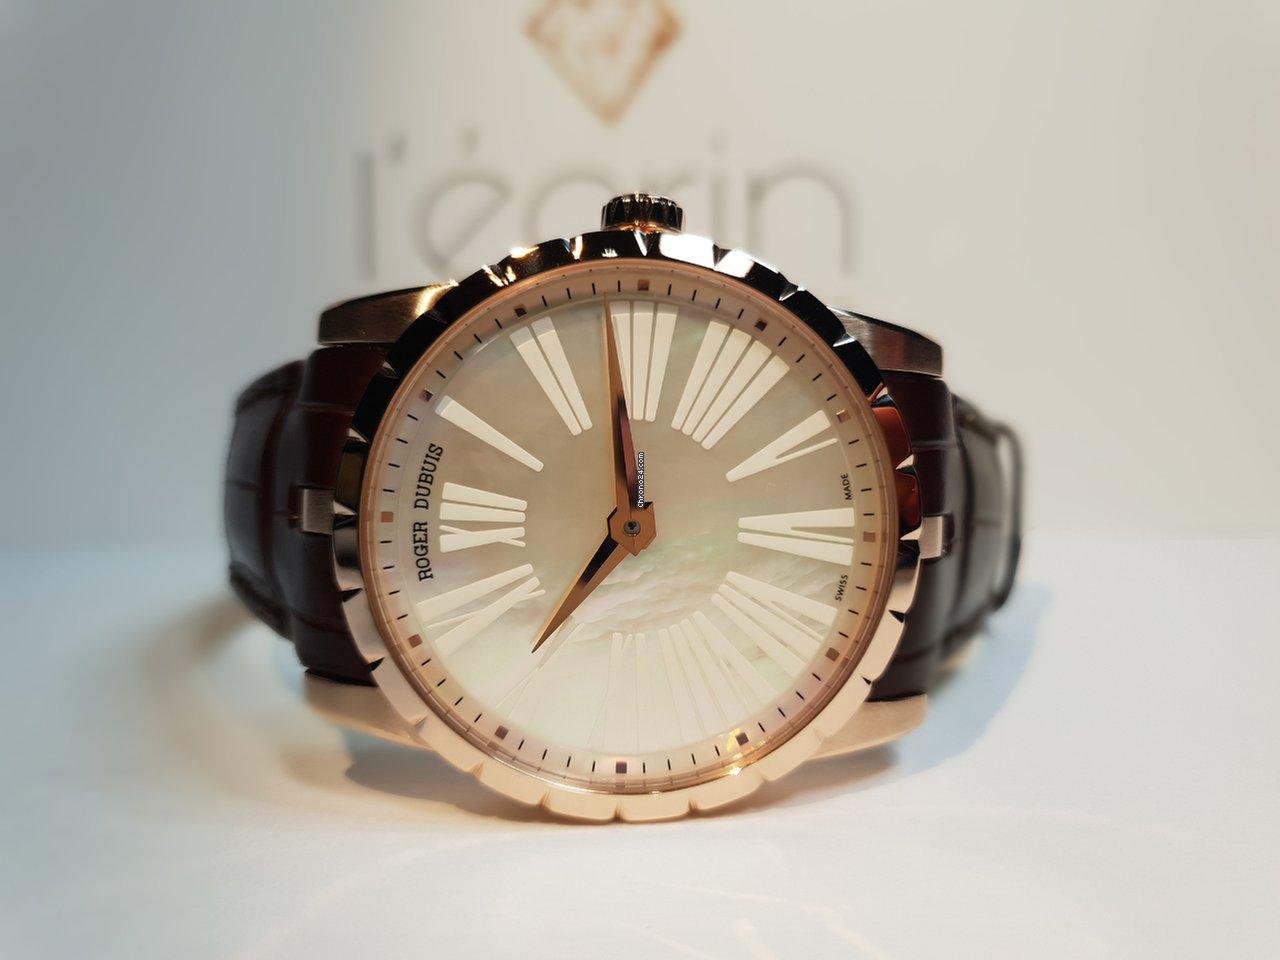 58f19b4ca Precios de relojes Roger Dubuis mujer | Comparar y comprar relojes Roger  Dubuis de mujer en Chrono24